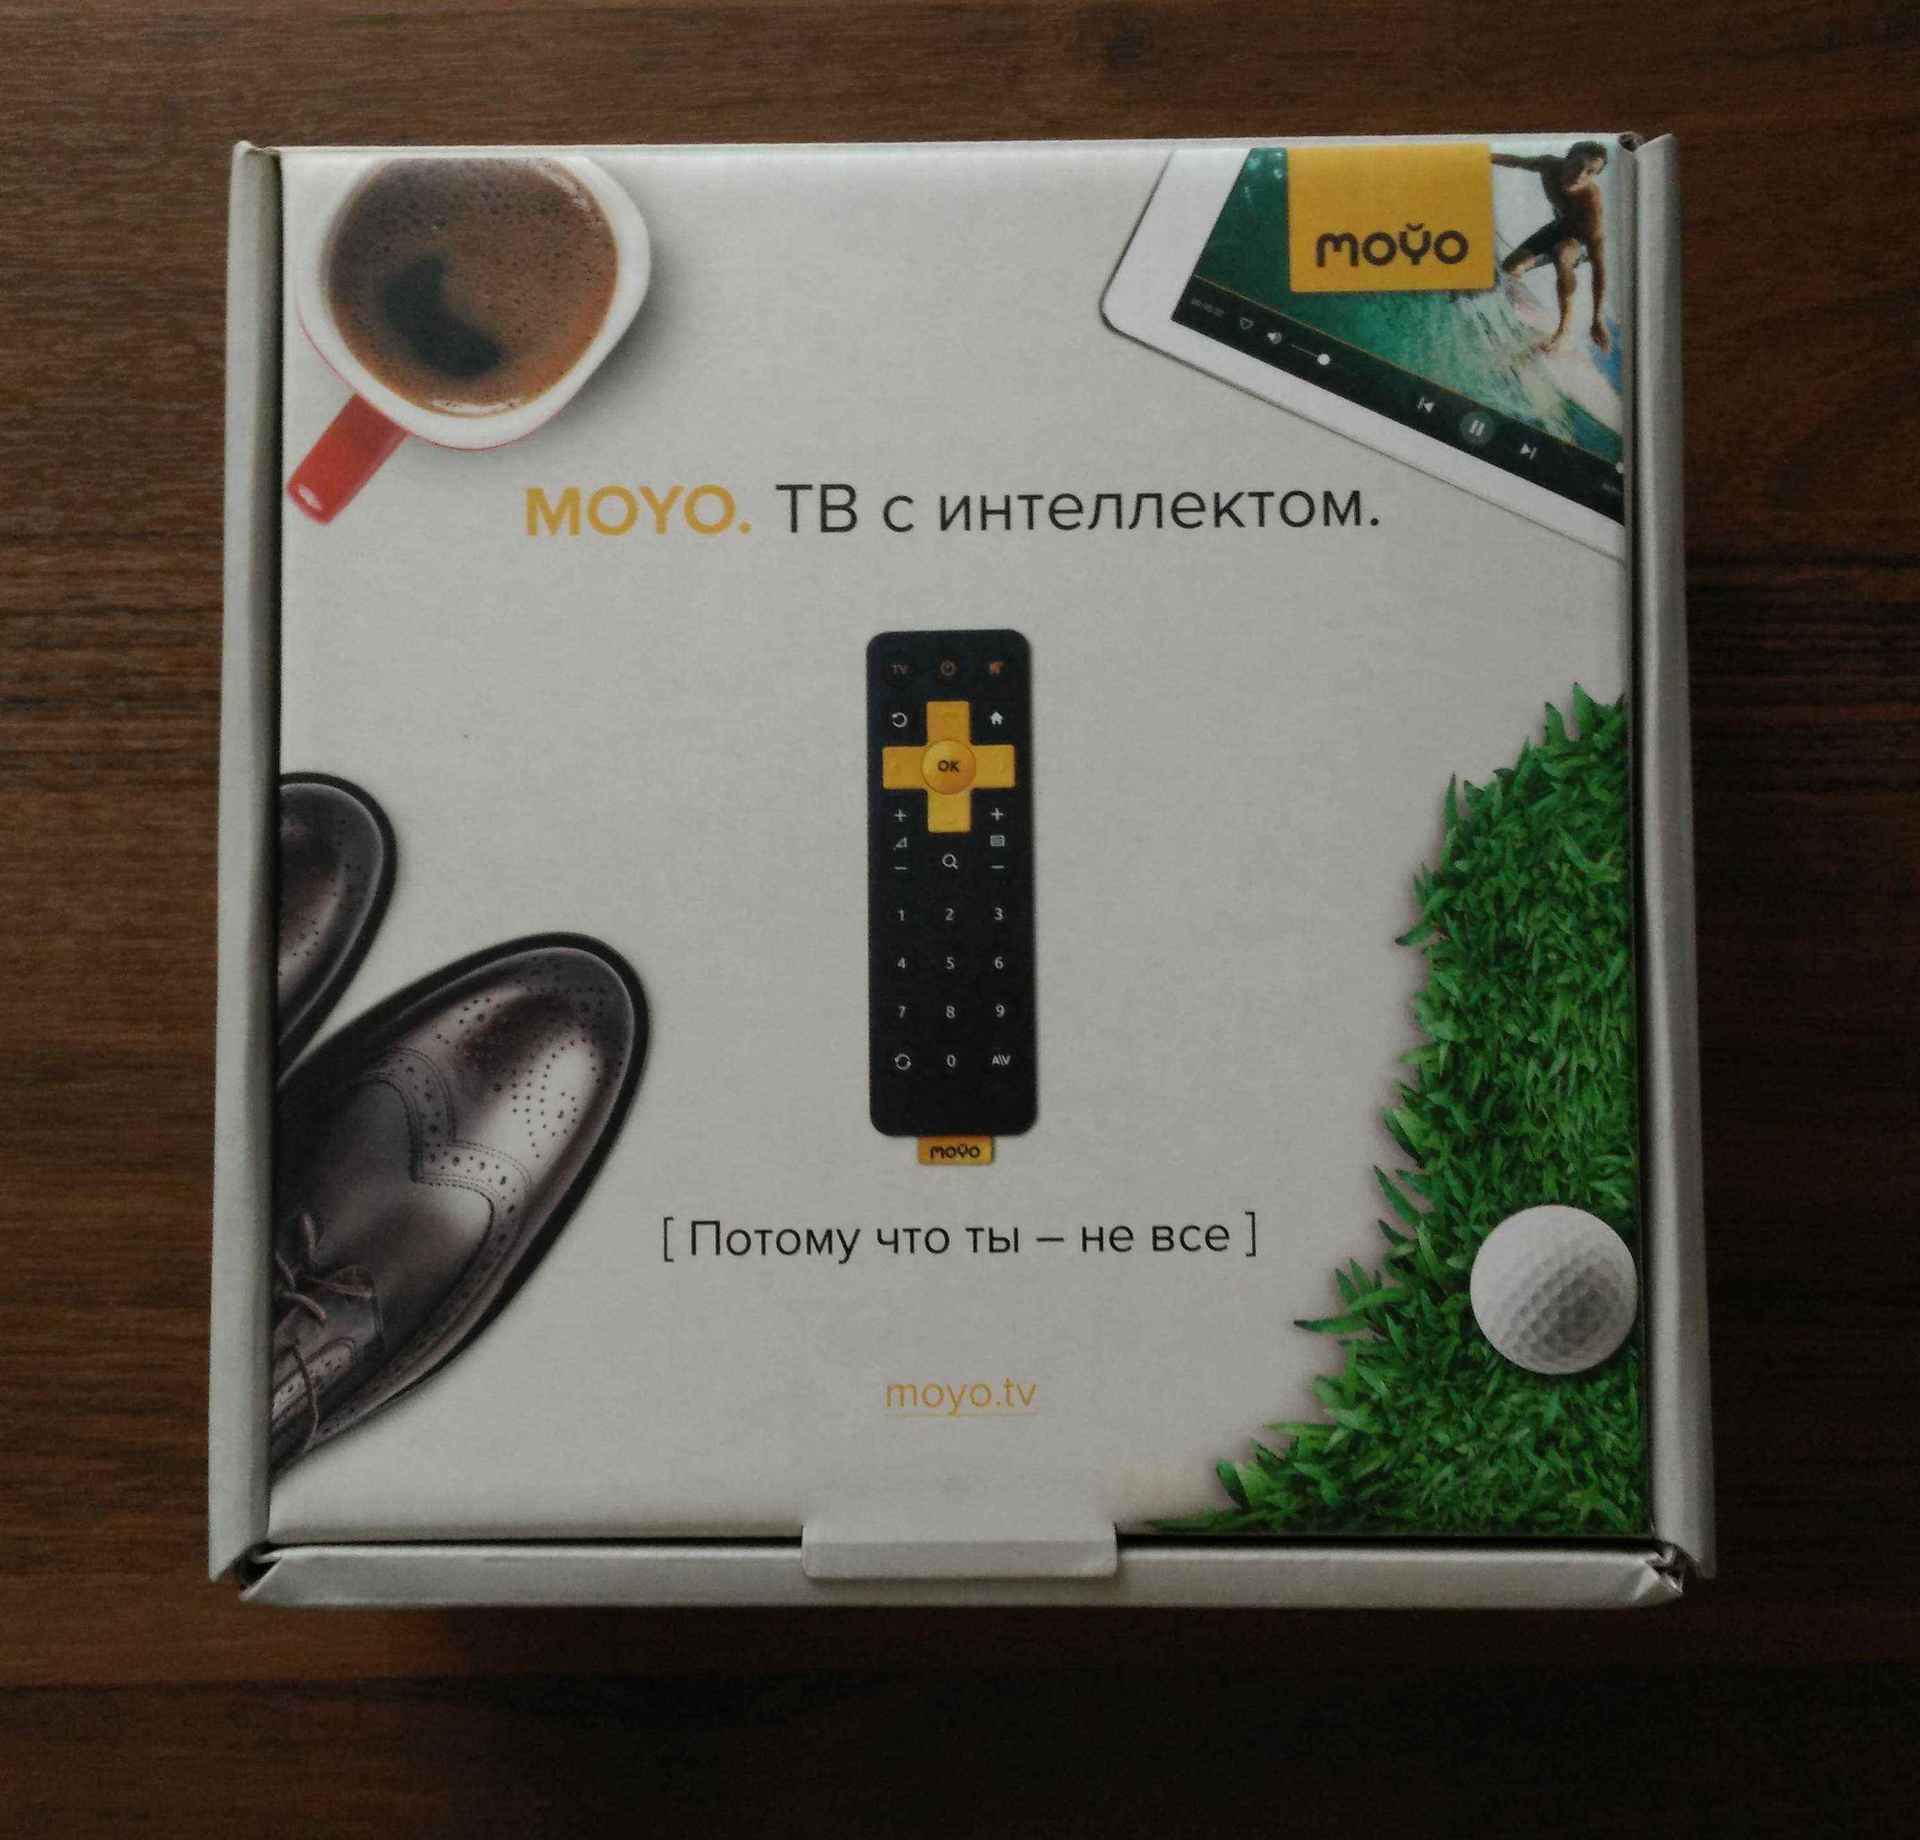 MOYO WOW — ТВ тоже может быть с интеллектом - 2